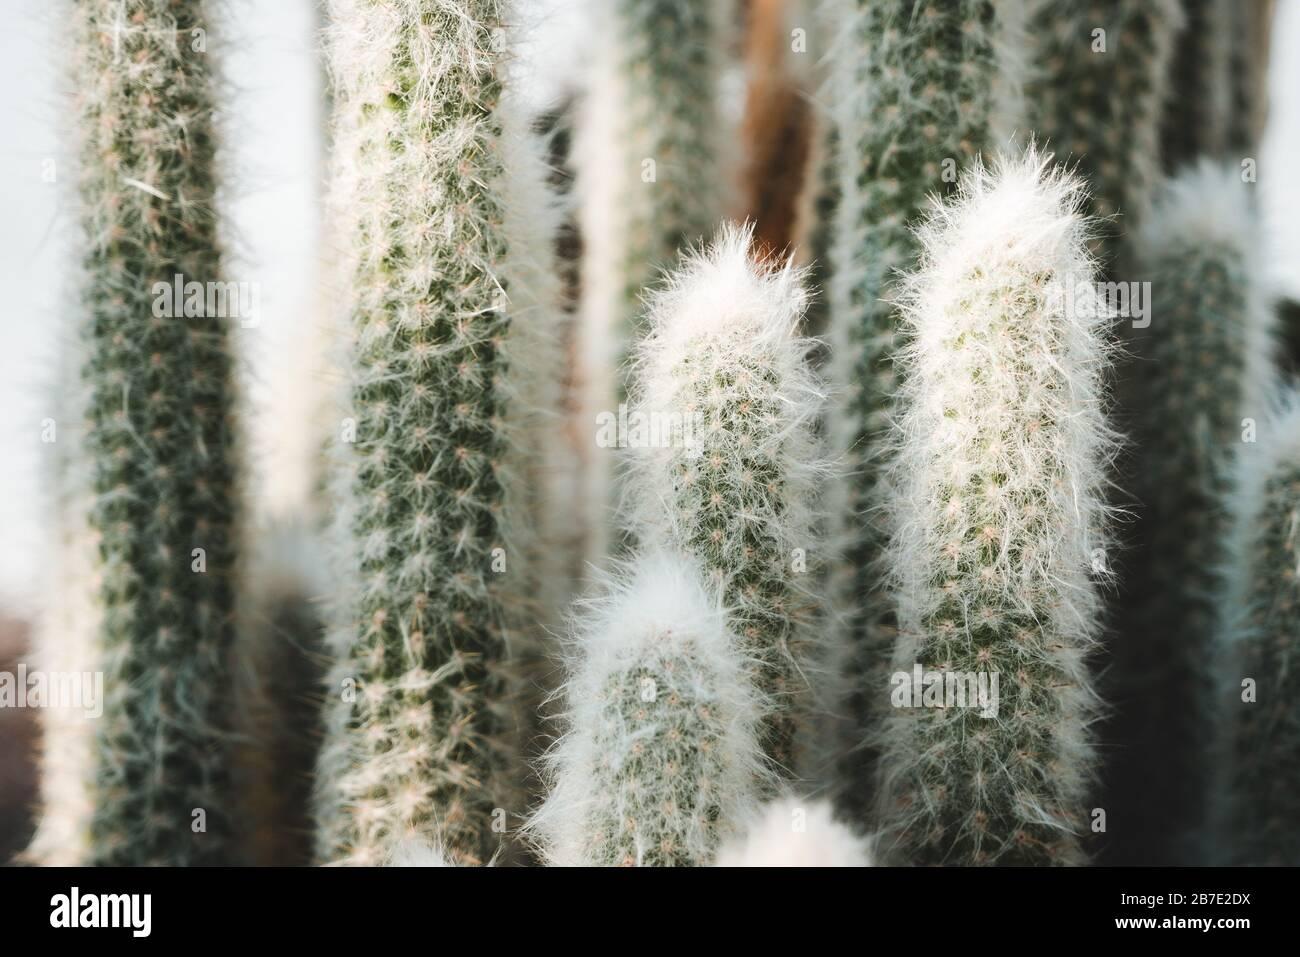 Especies de cactus columnares peruanos: Old Man o Cotton Ball o Snowball Cactus o Wooly Espostoa (Espostoa Lanata var. Sericata) Foto de stock